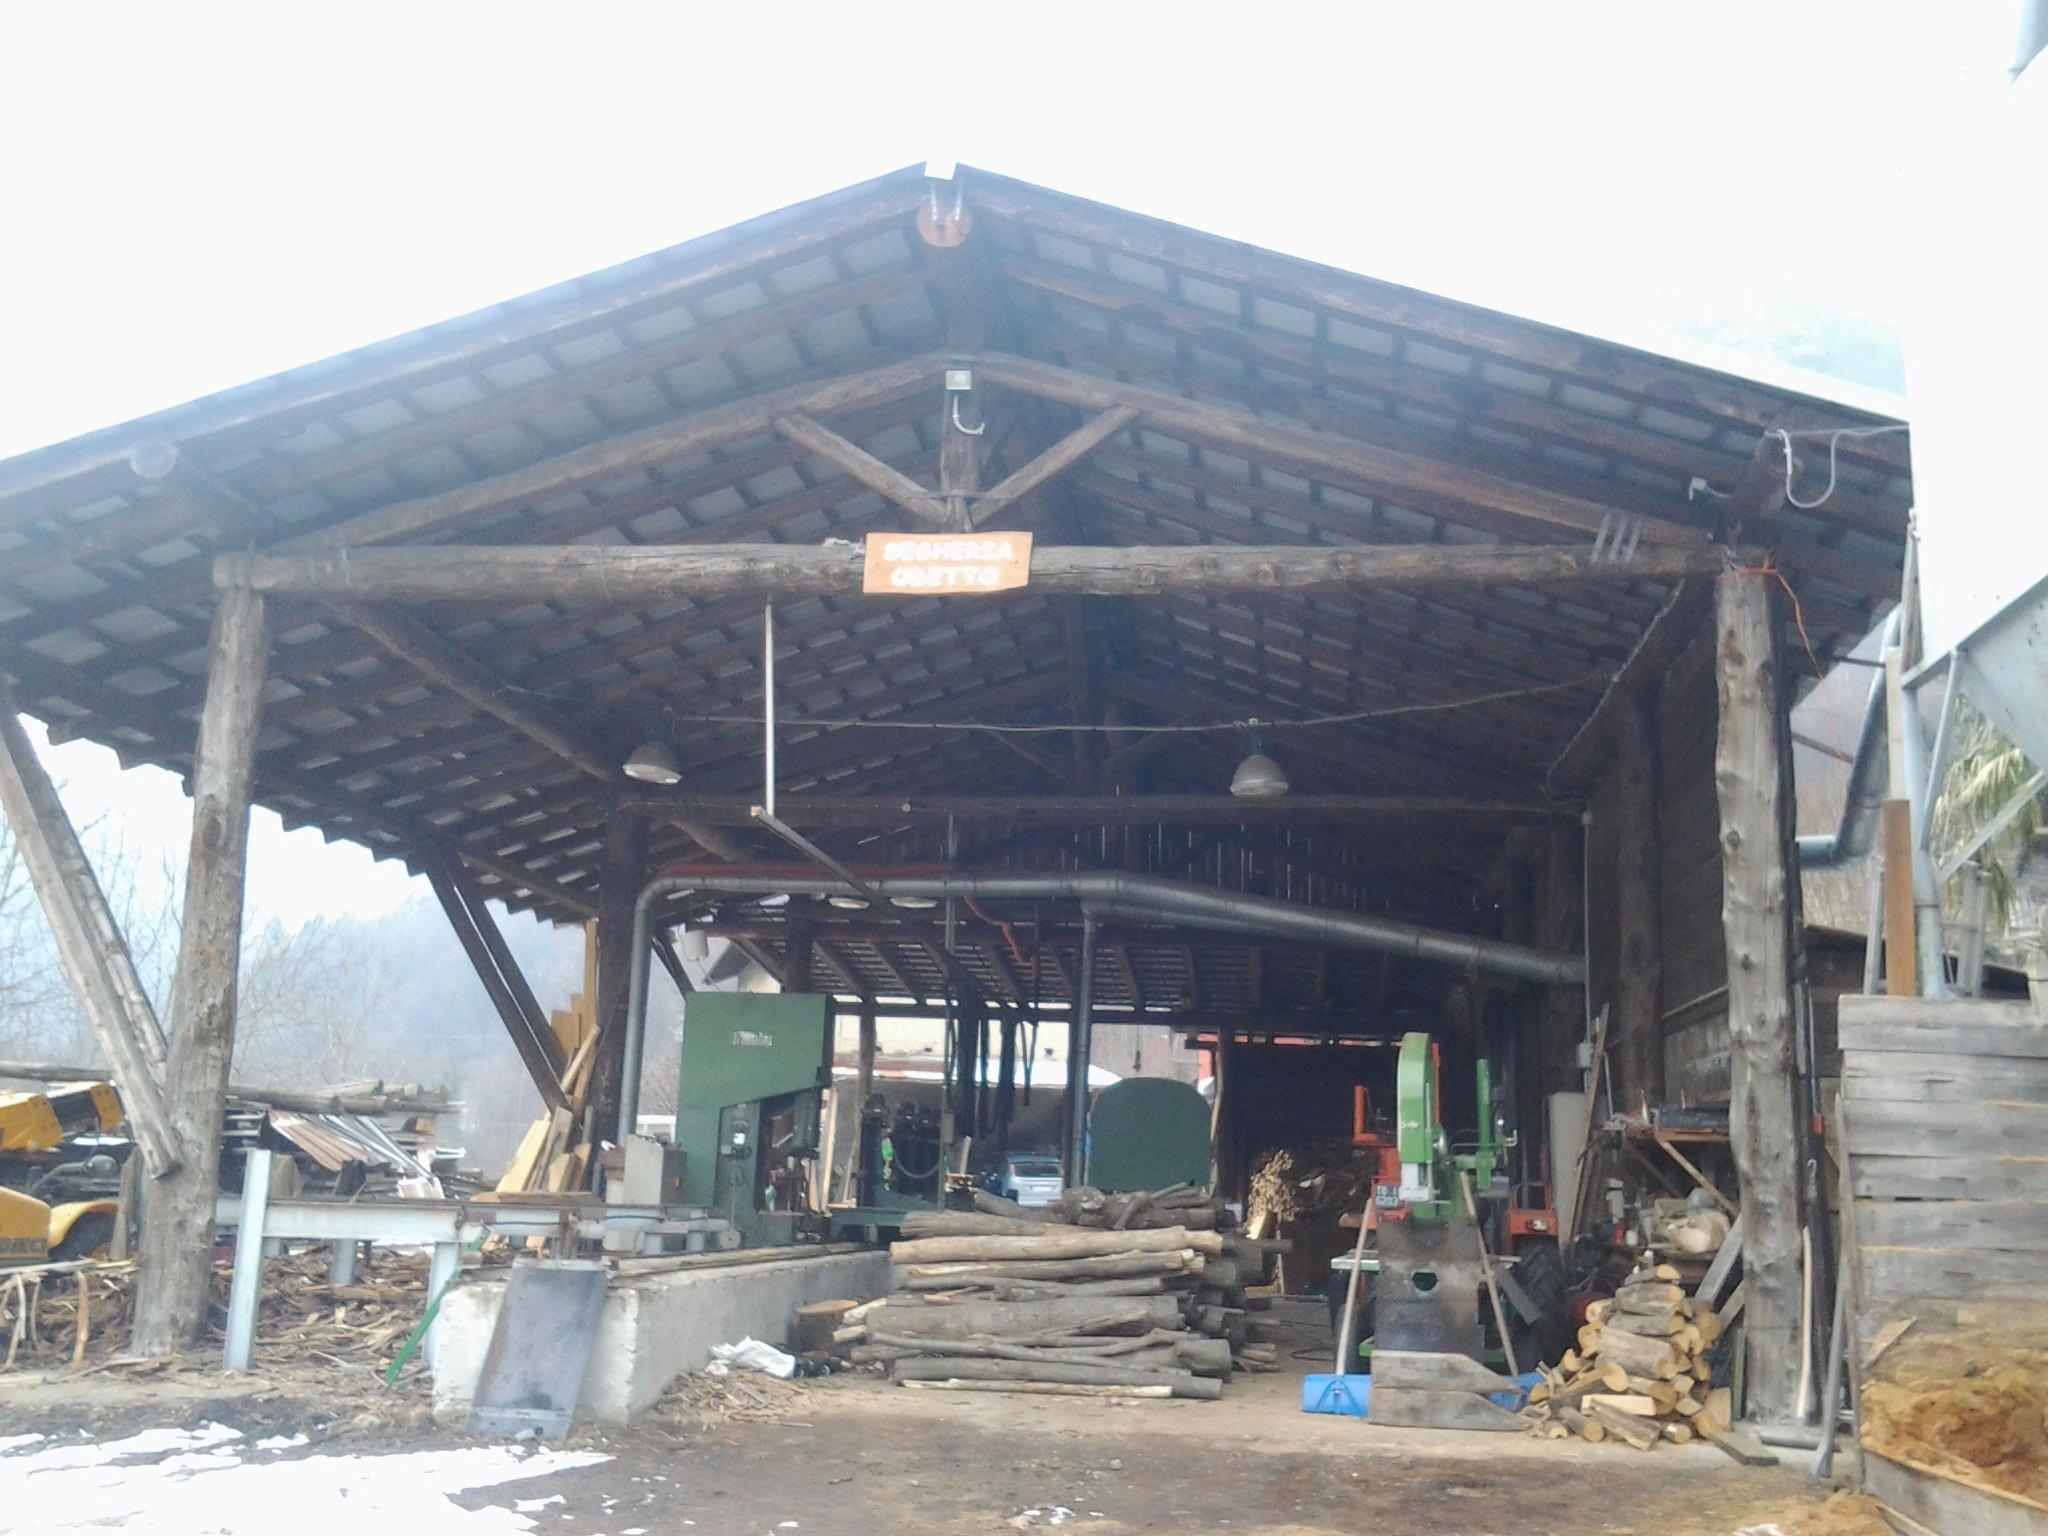 una segheria all'aperto con tetto in legno e legna e macchinari sotto